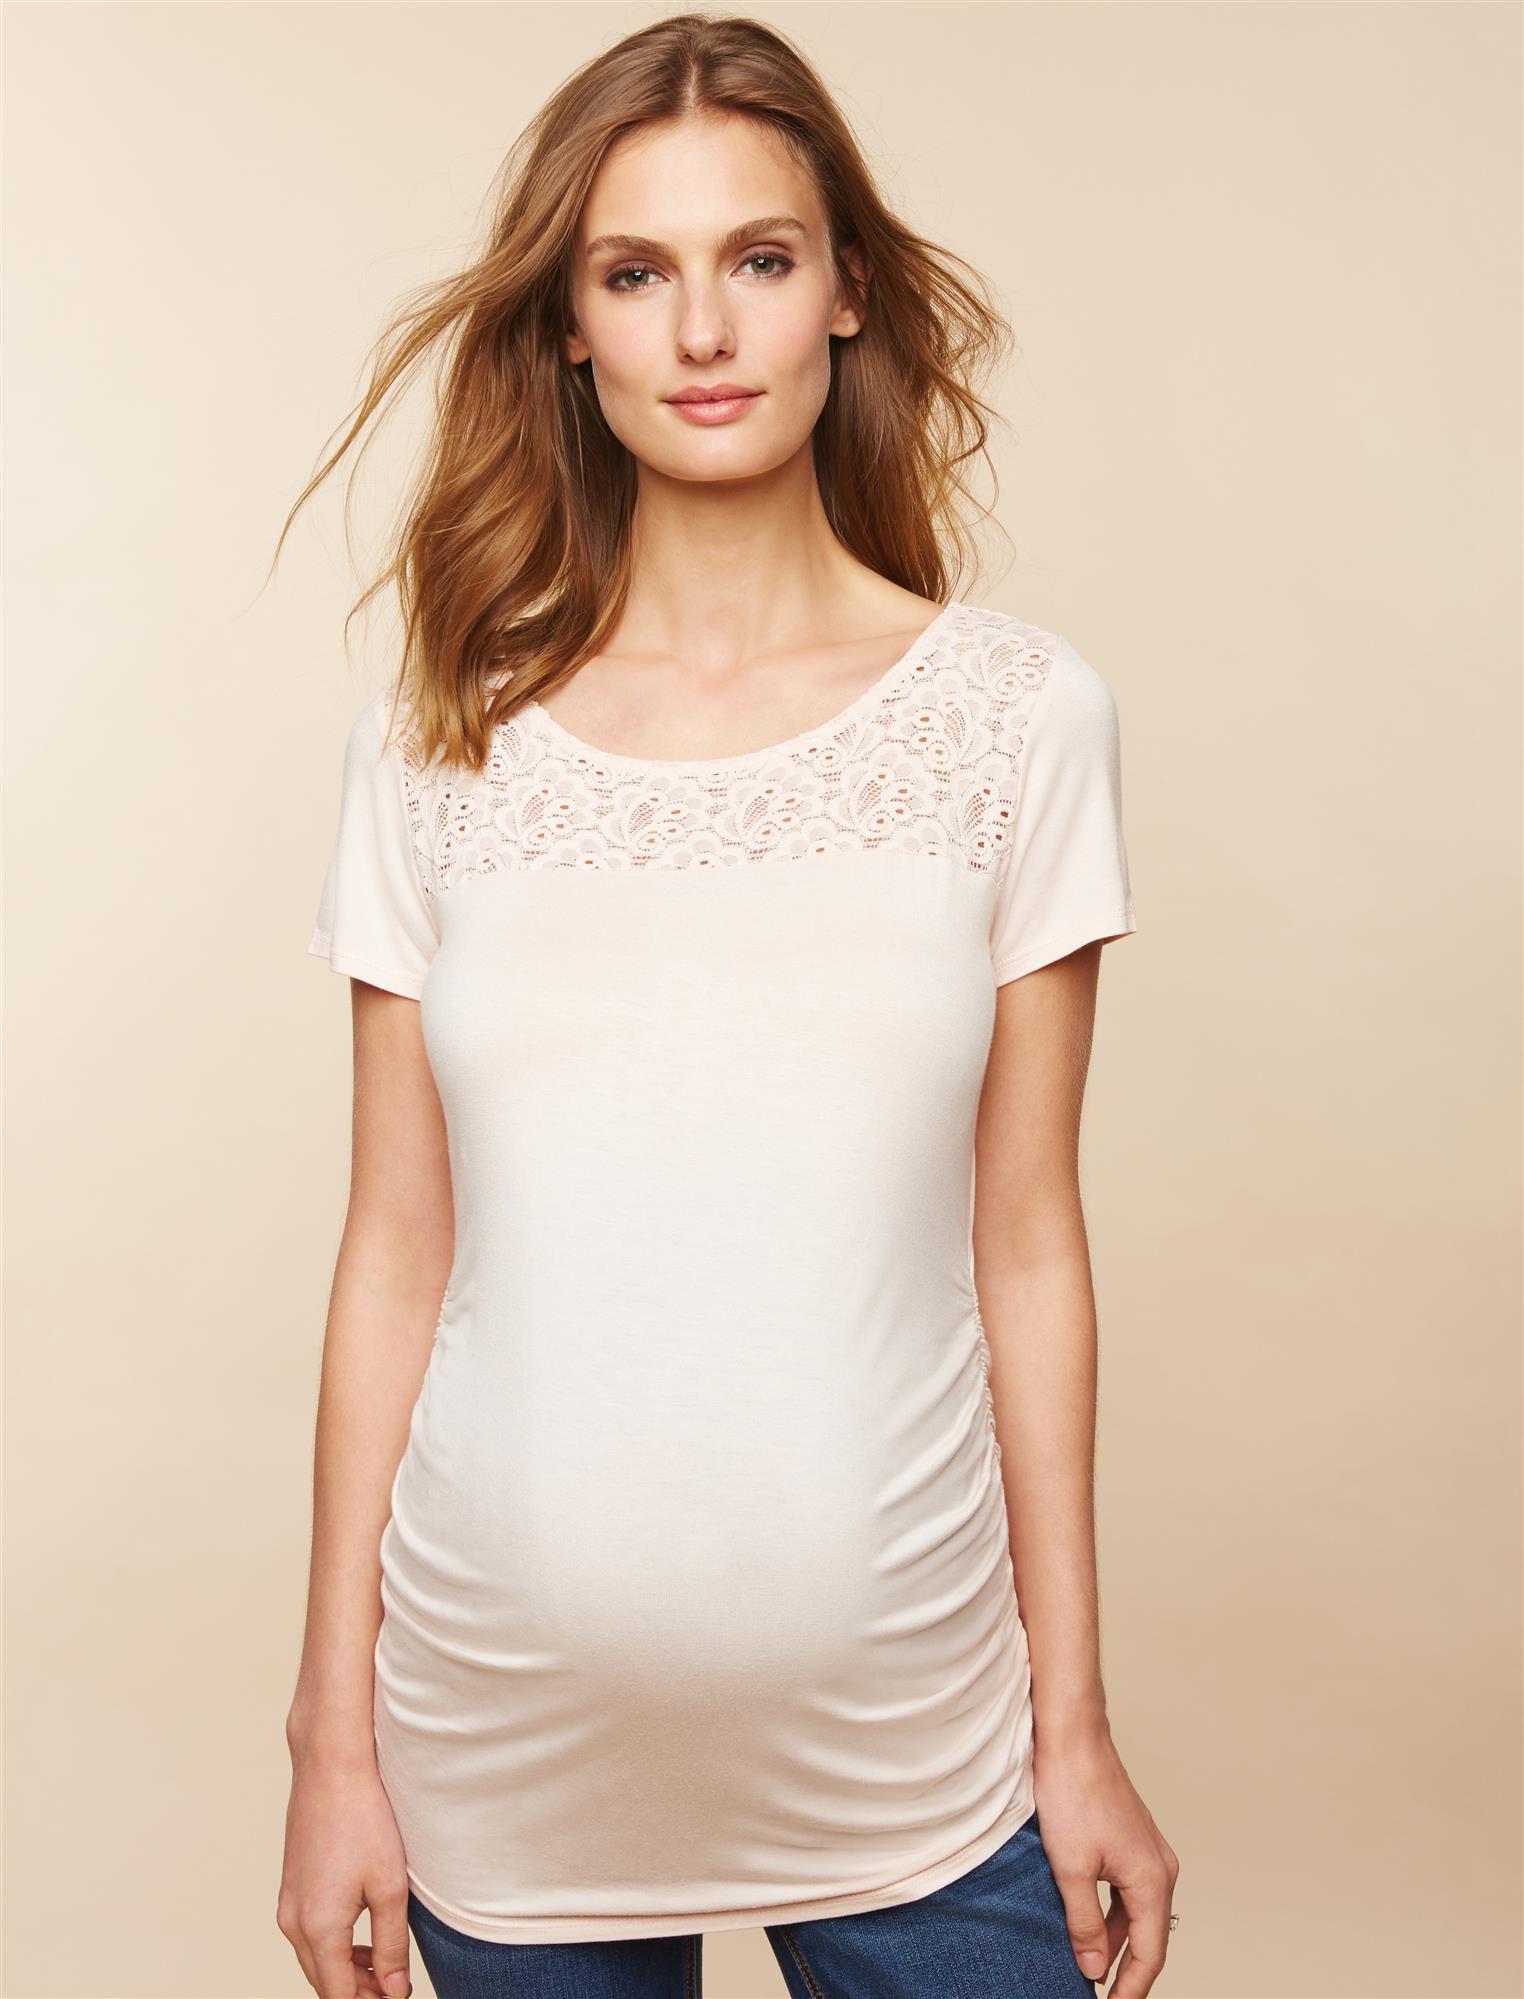 Lace Maternity T Shirt